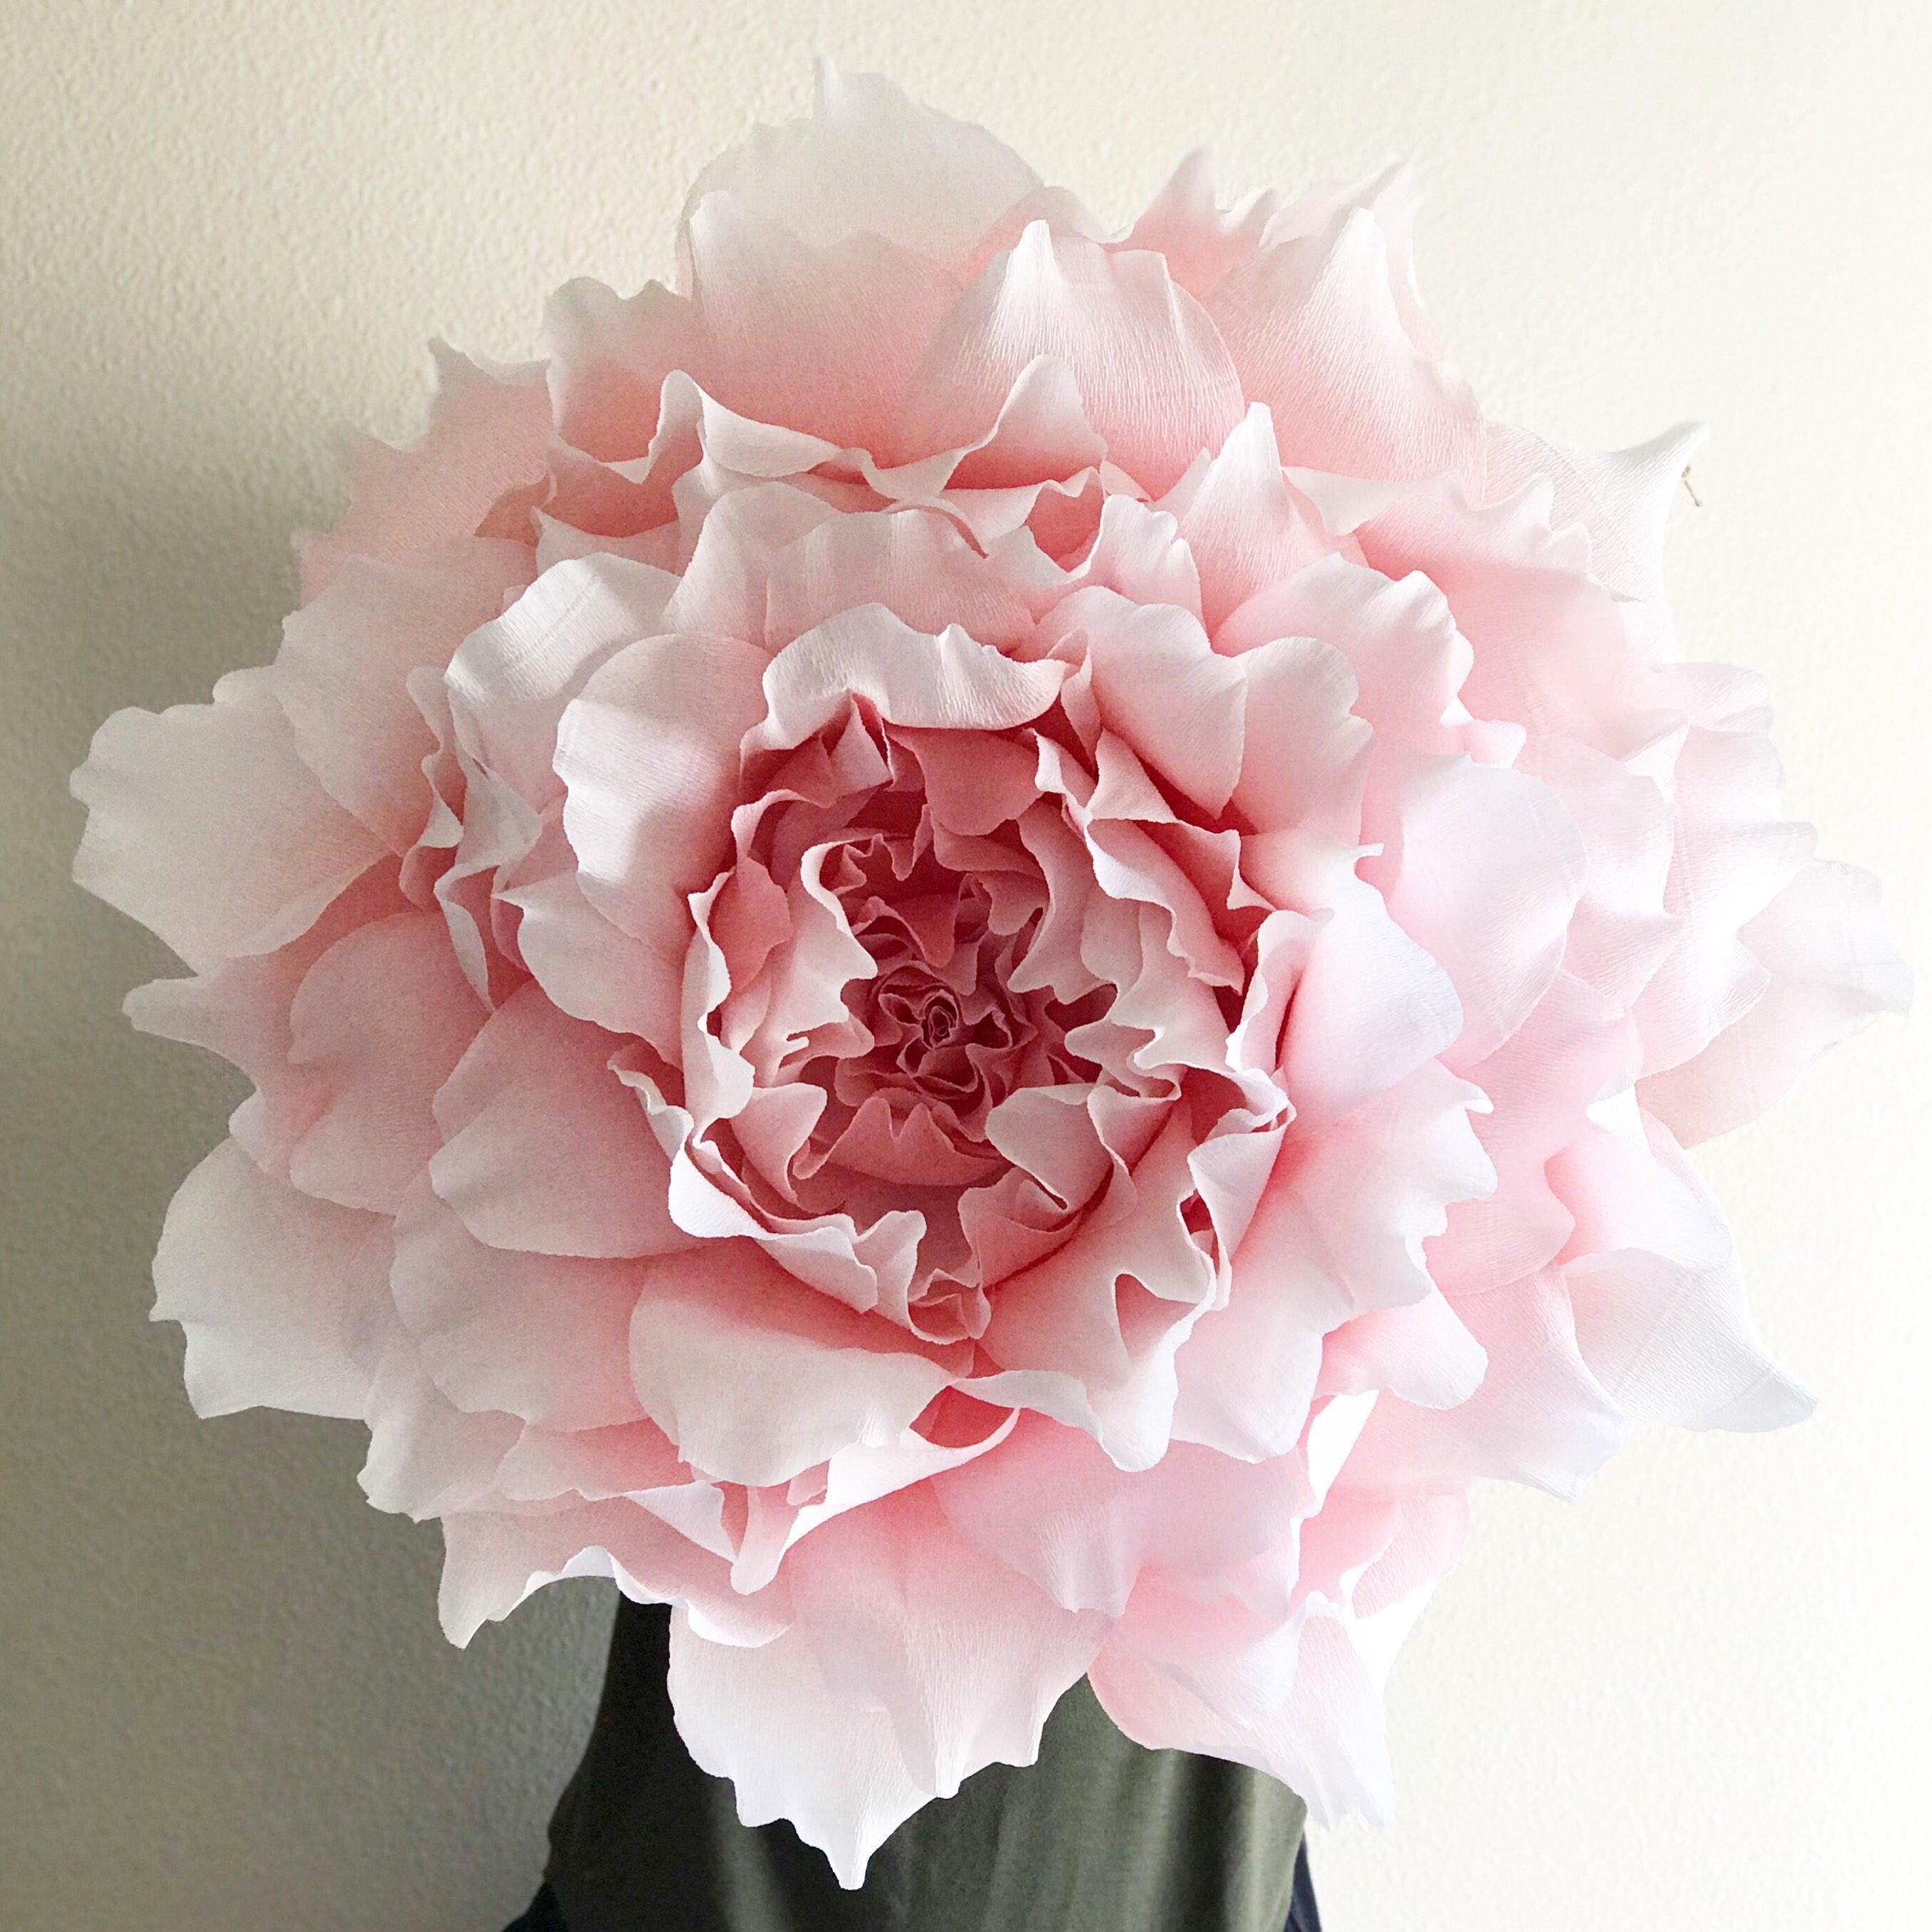 Giant paper flower crepw paper peony nursery wall zoom mightylinksfo